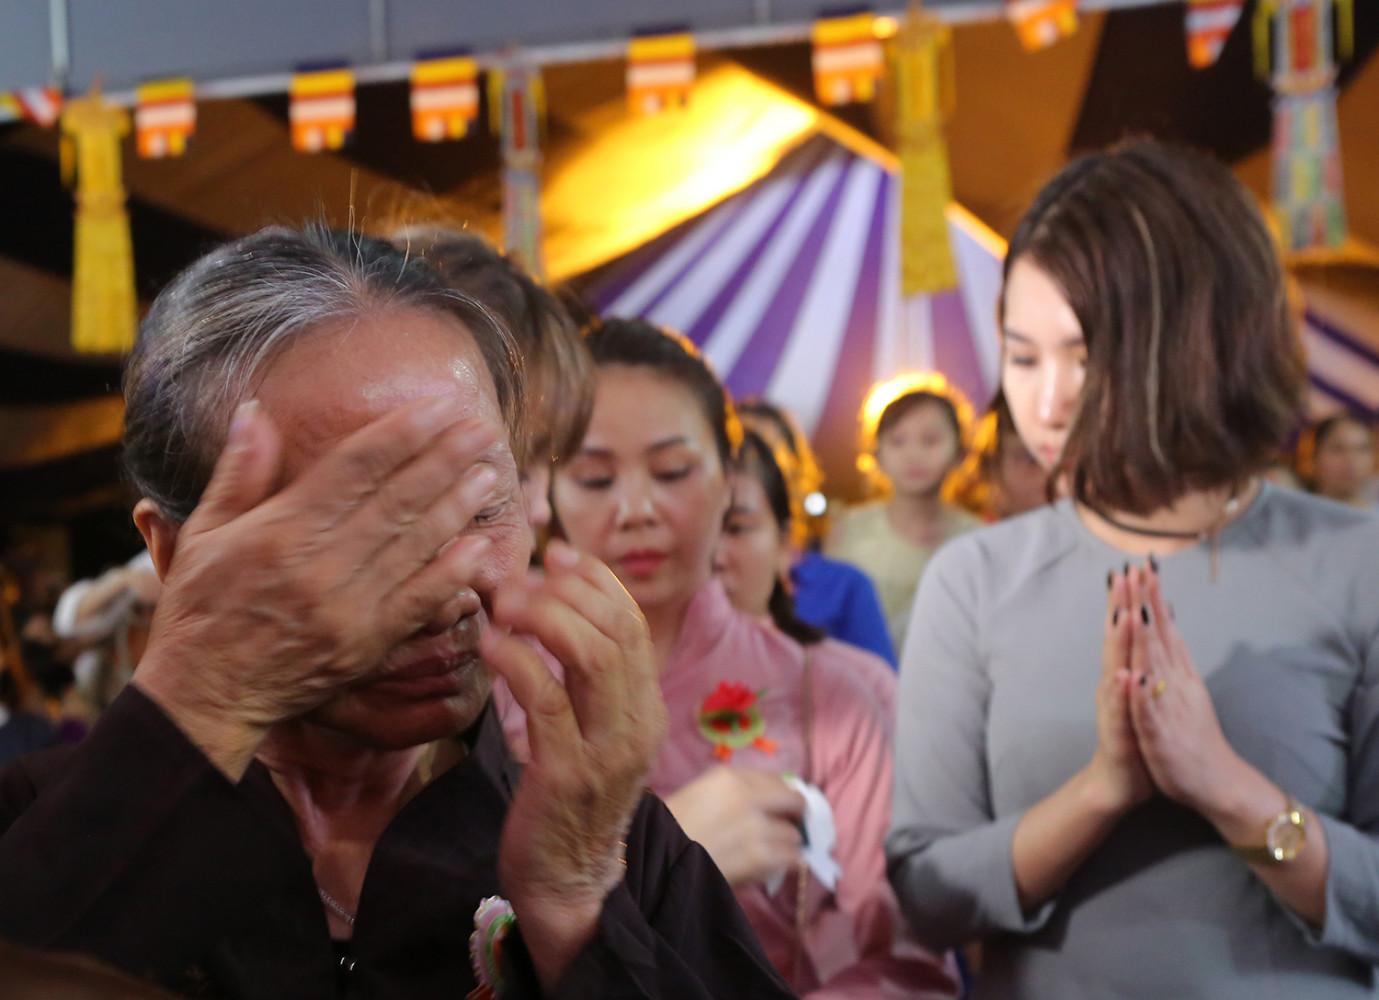 Có những cụ già không cầm được nước mắt khi nghĩ tới các bậc thân sinh của mình trong Lễ Vu lan Báo hiếu tại chùa Kim Sơn Lạc Hồng.